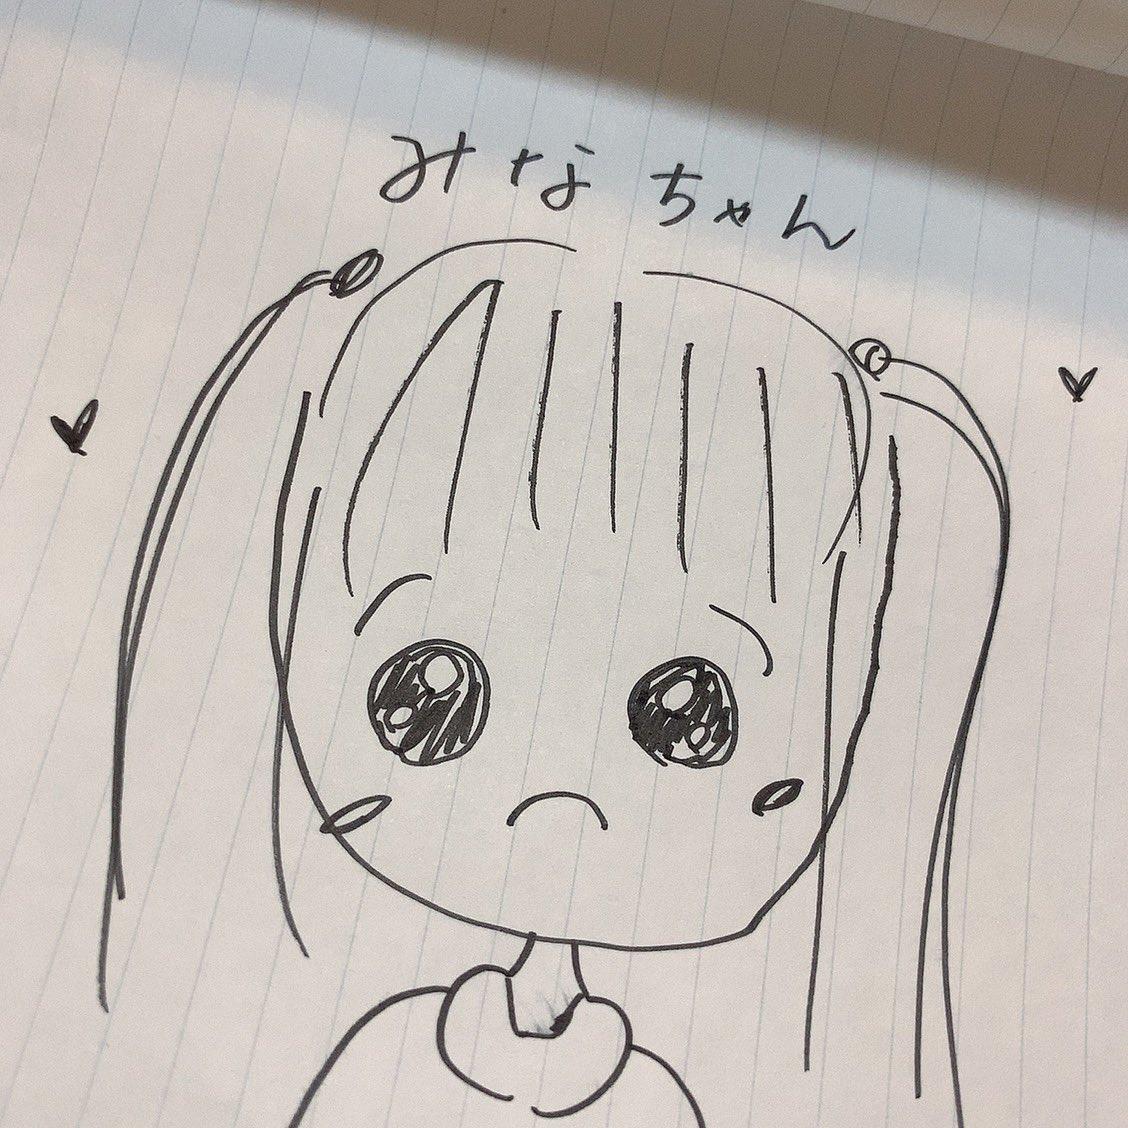 ironna_kora アイコラ6